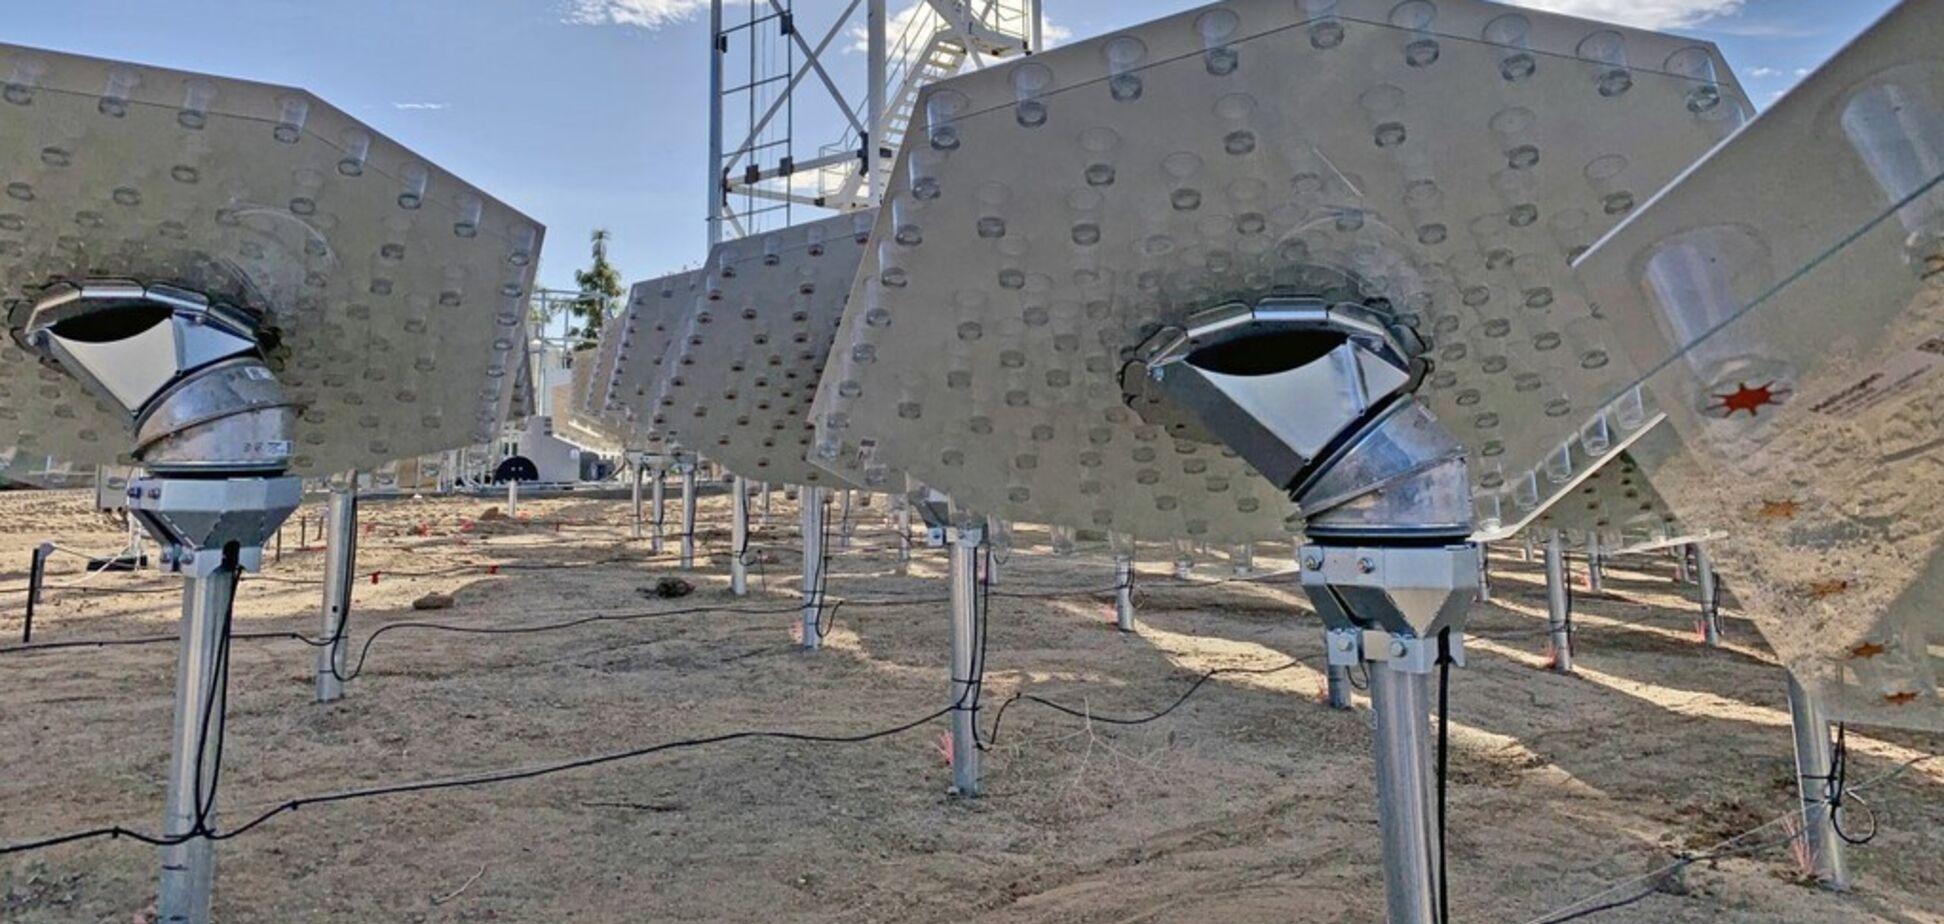 'Прорив у енергетиці': з'явилося приголомшливе відео роботи 'розумної' сонячної станції в США